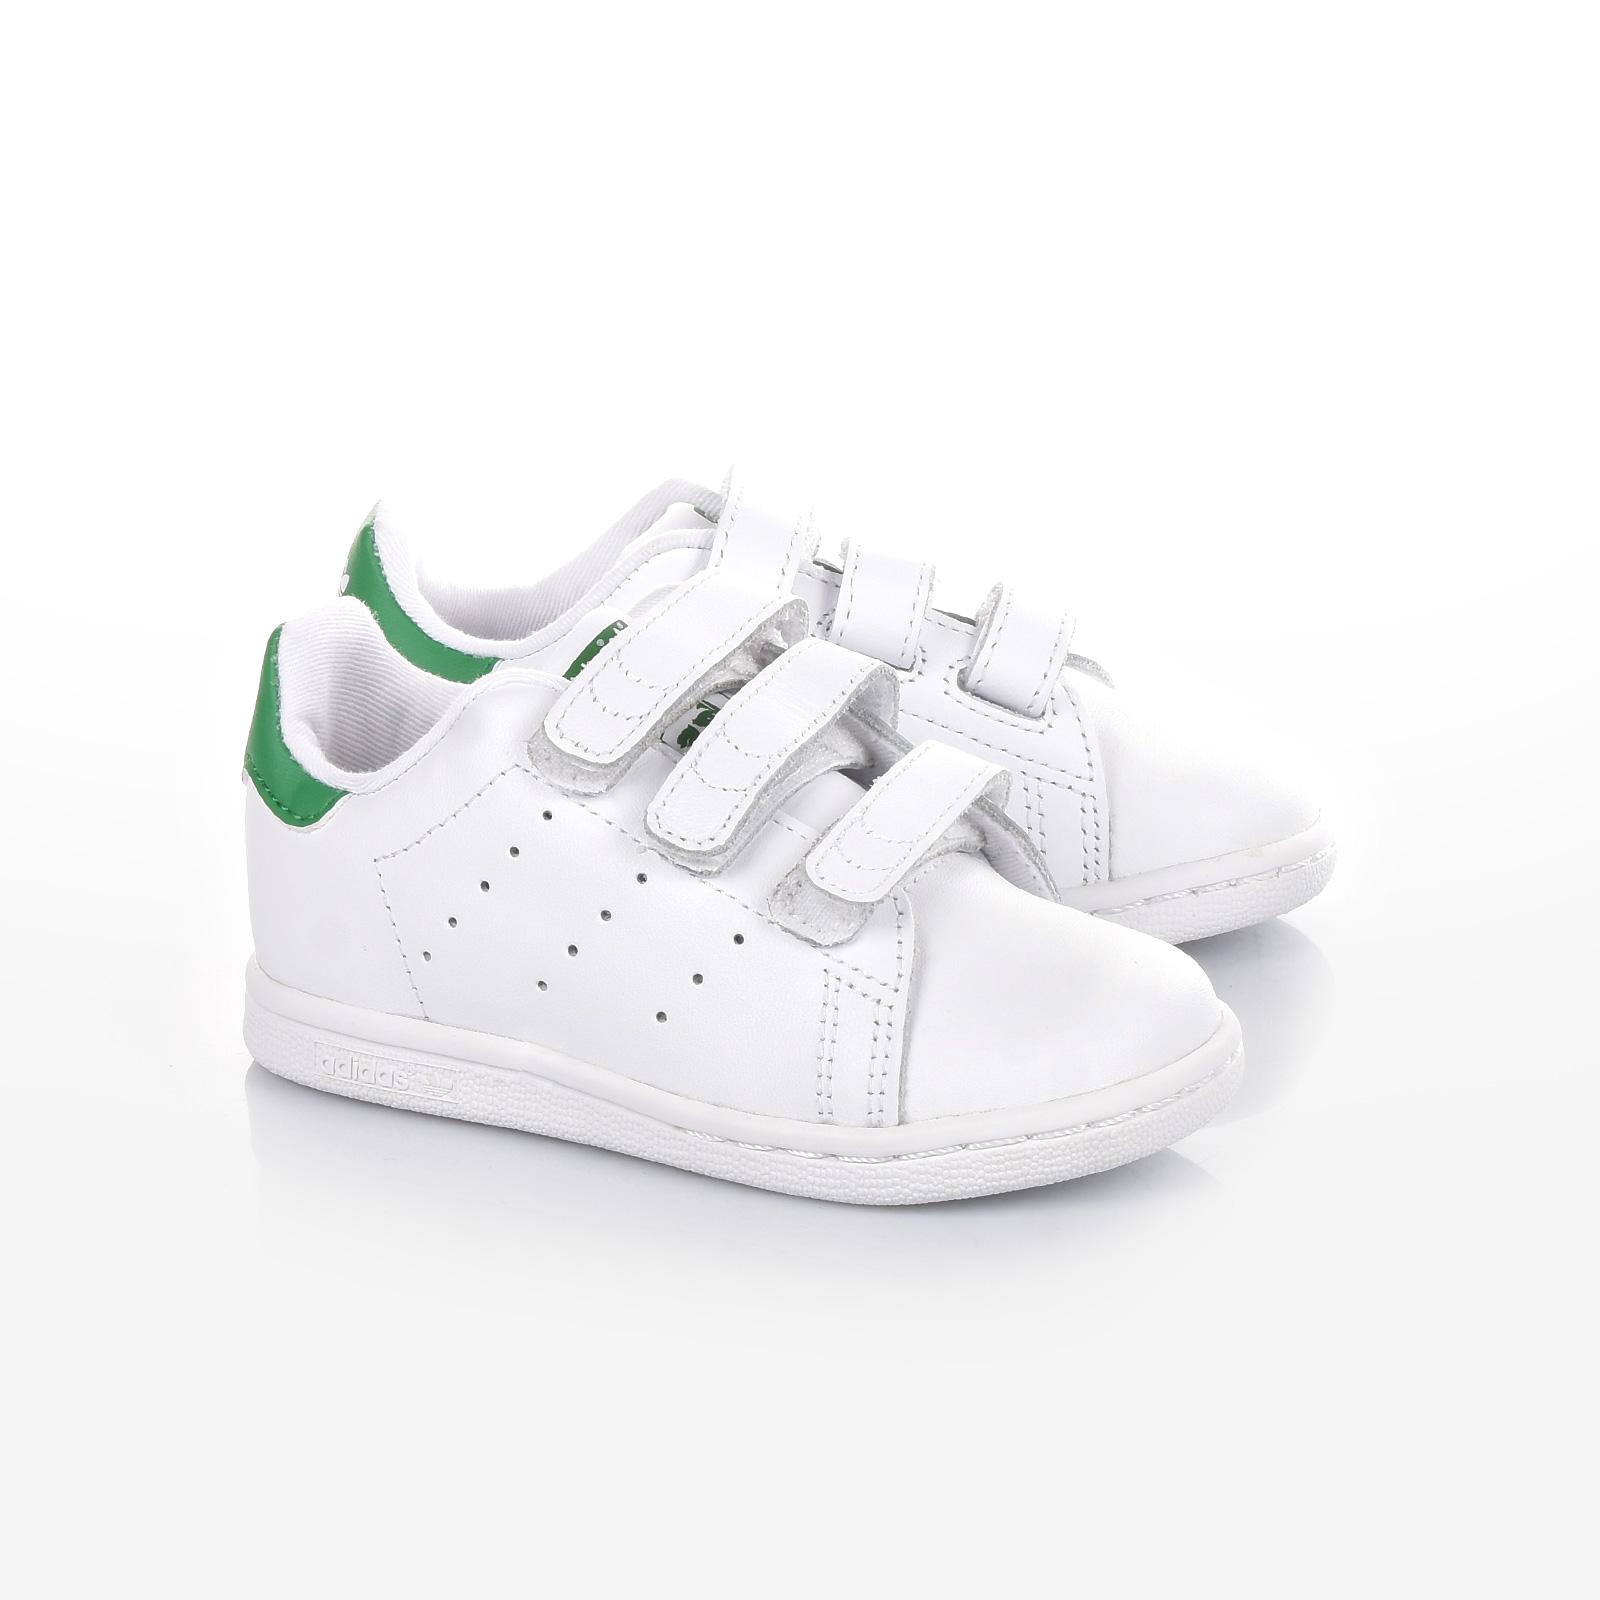 adidas Originals - STAN SMITH CF I - FTWWHT FTWWHT GREEN 0251fa54107